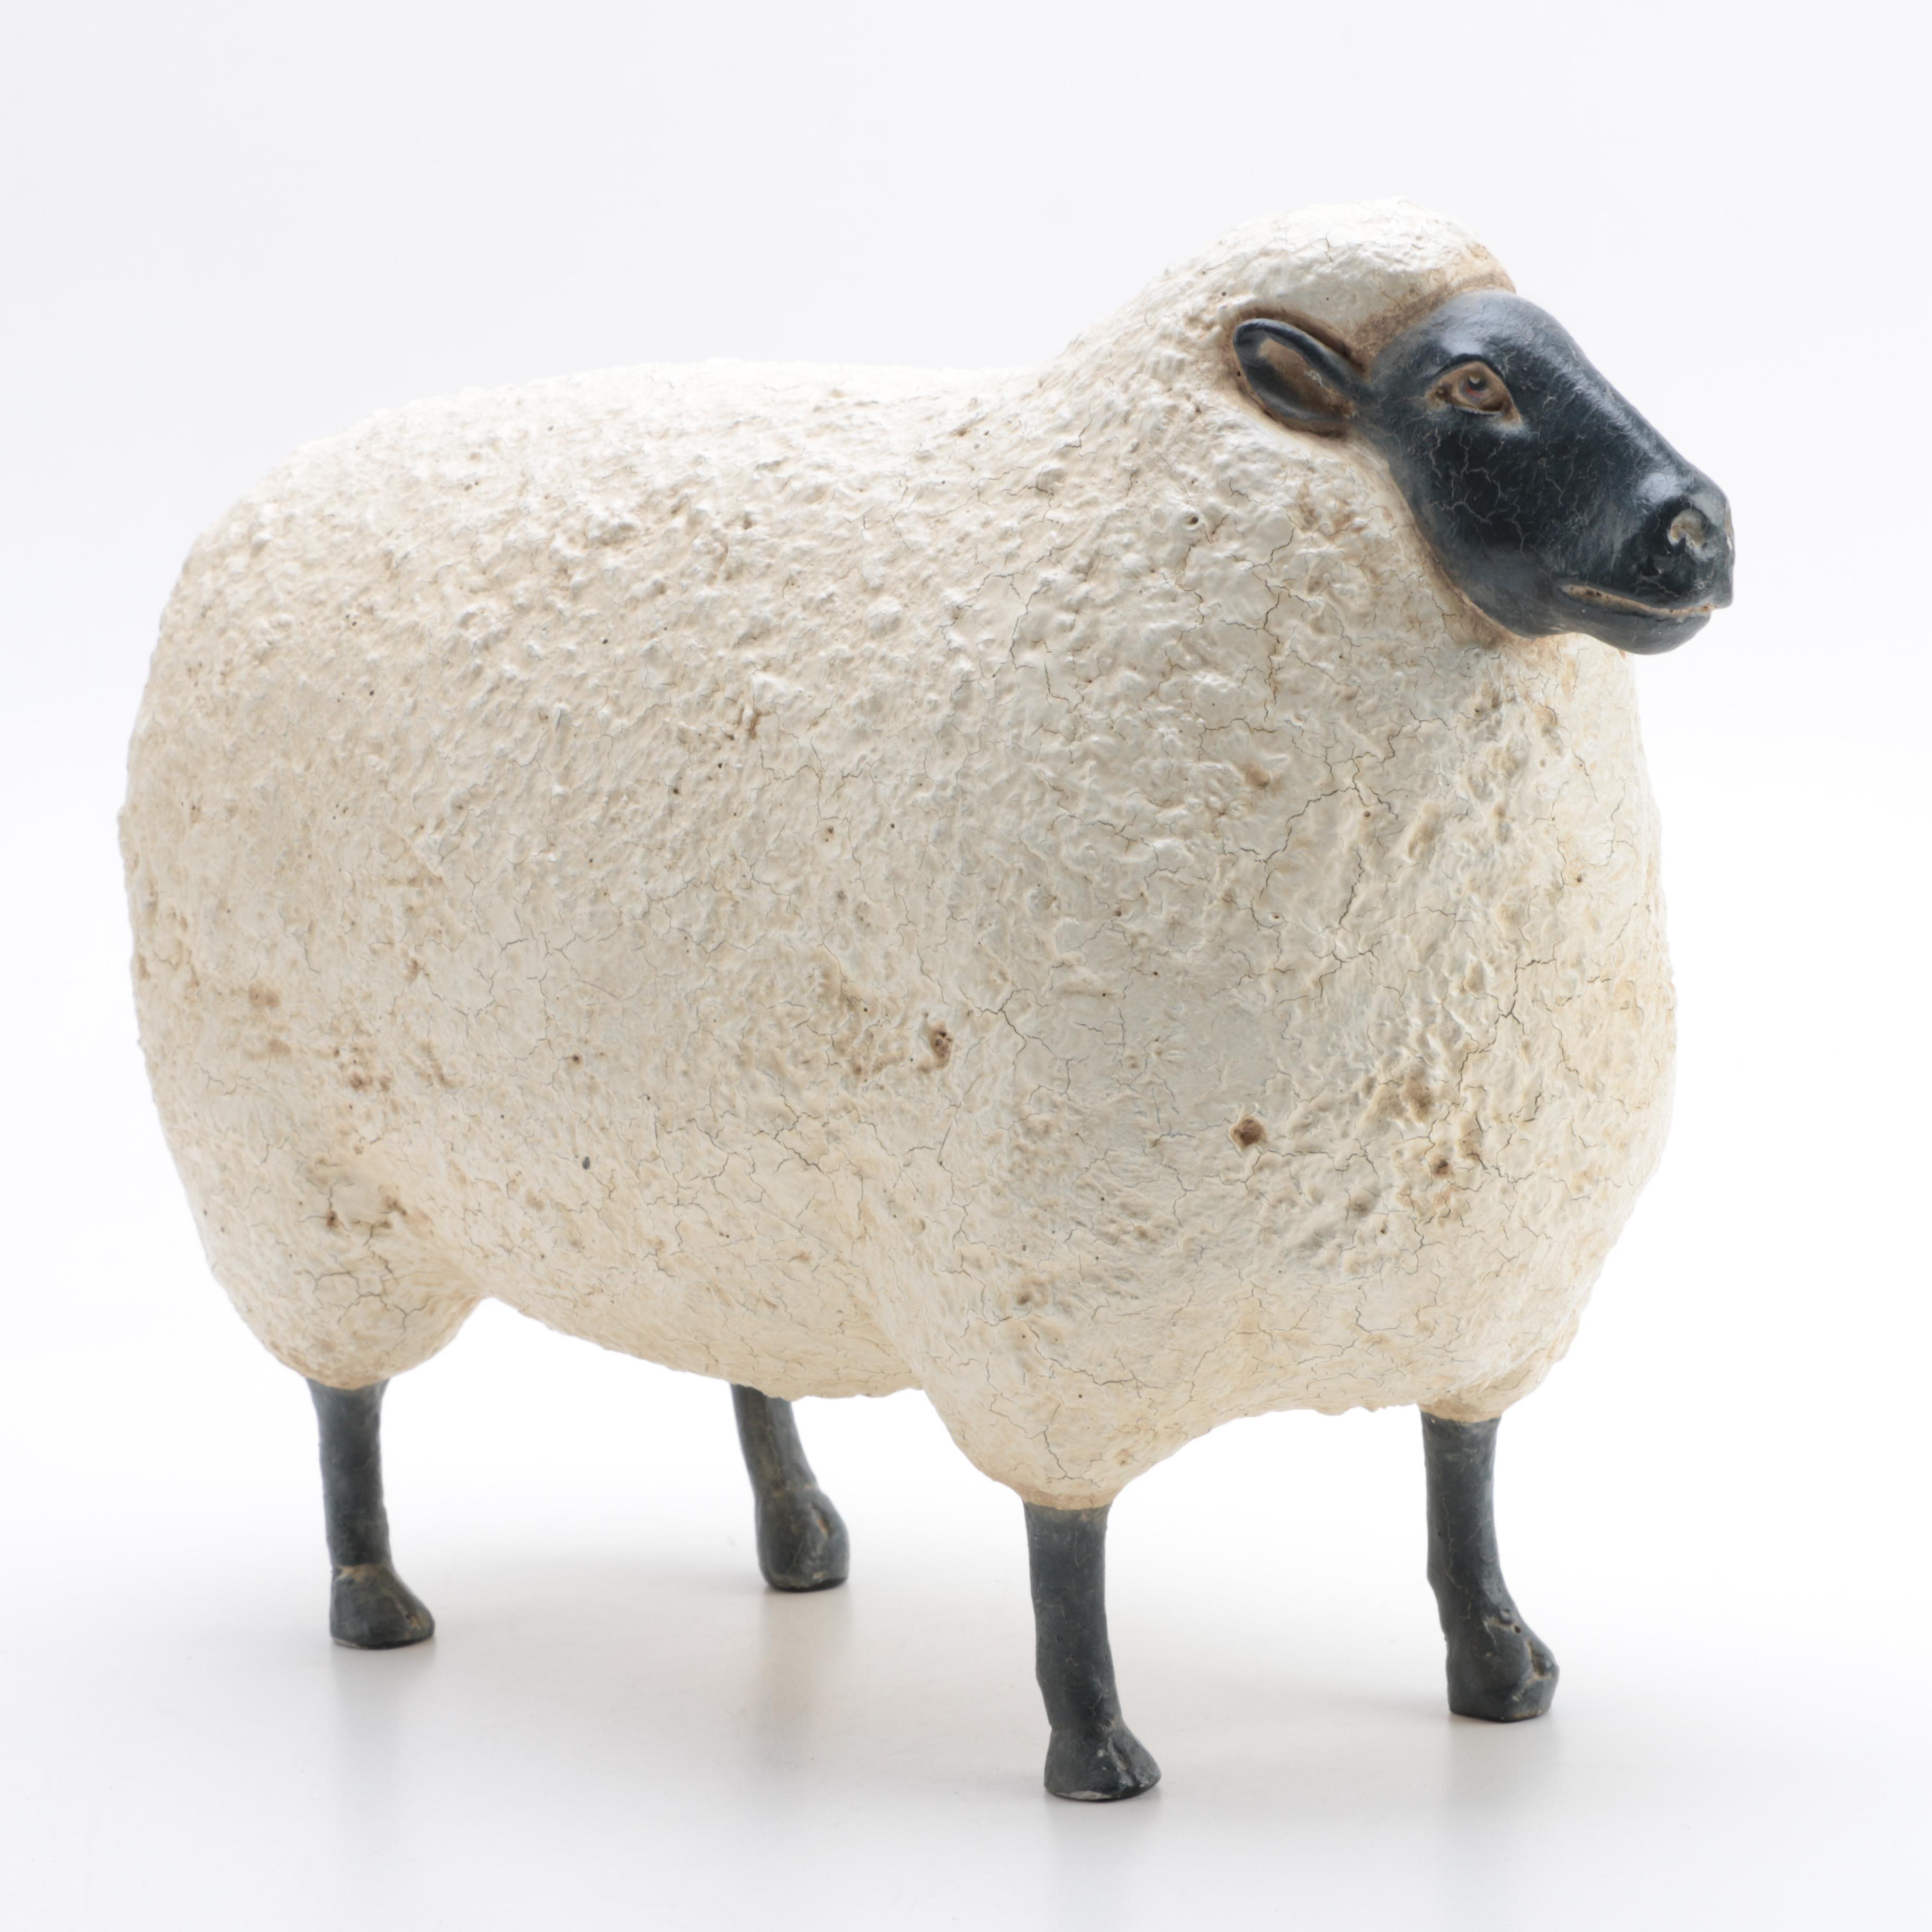 Decorative Sheep Figurine